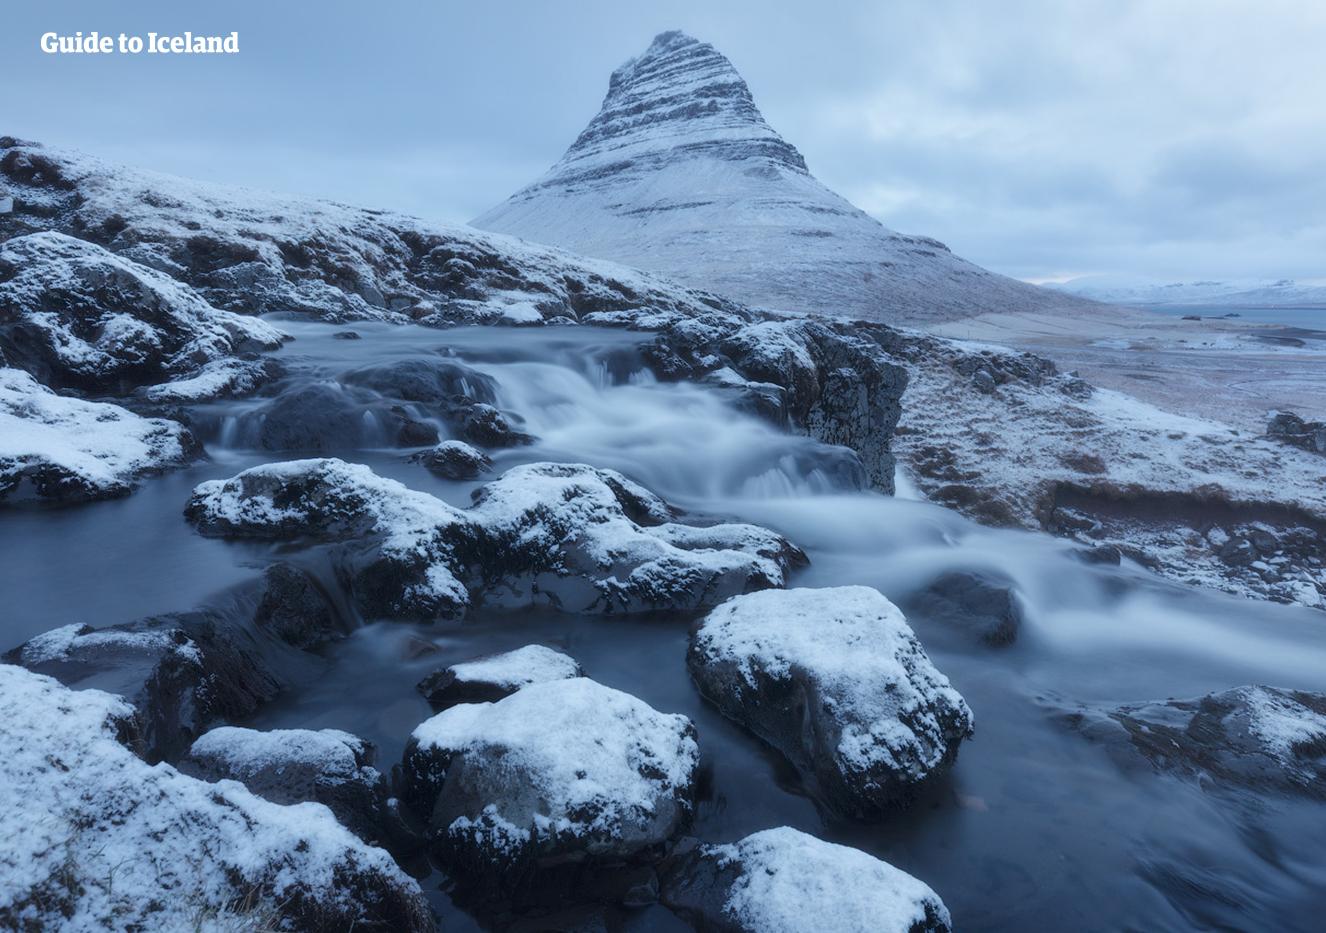 Góra Kirkjufell na półwyspie Snaefellsnes została wykorzystana jako punkt orientacyjny za Murem w Grze o Tron.